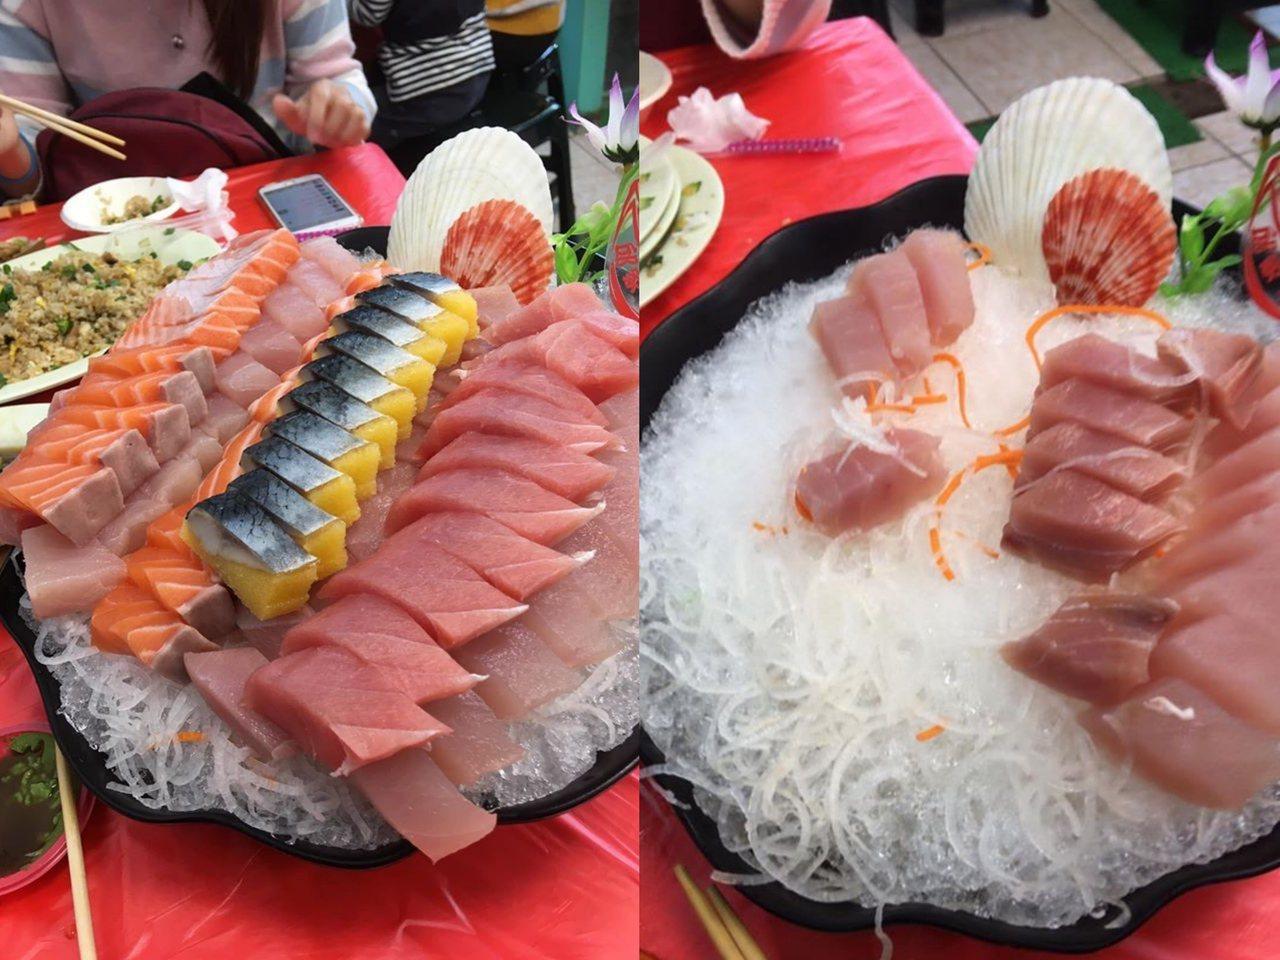 網友表示自己點2大份生魚片,要價400元。圖/摘自爆廢公社二館